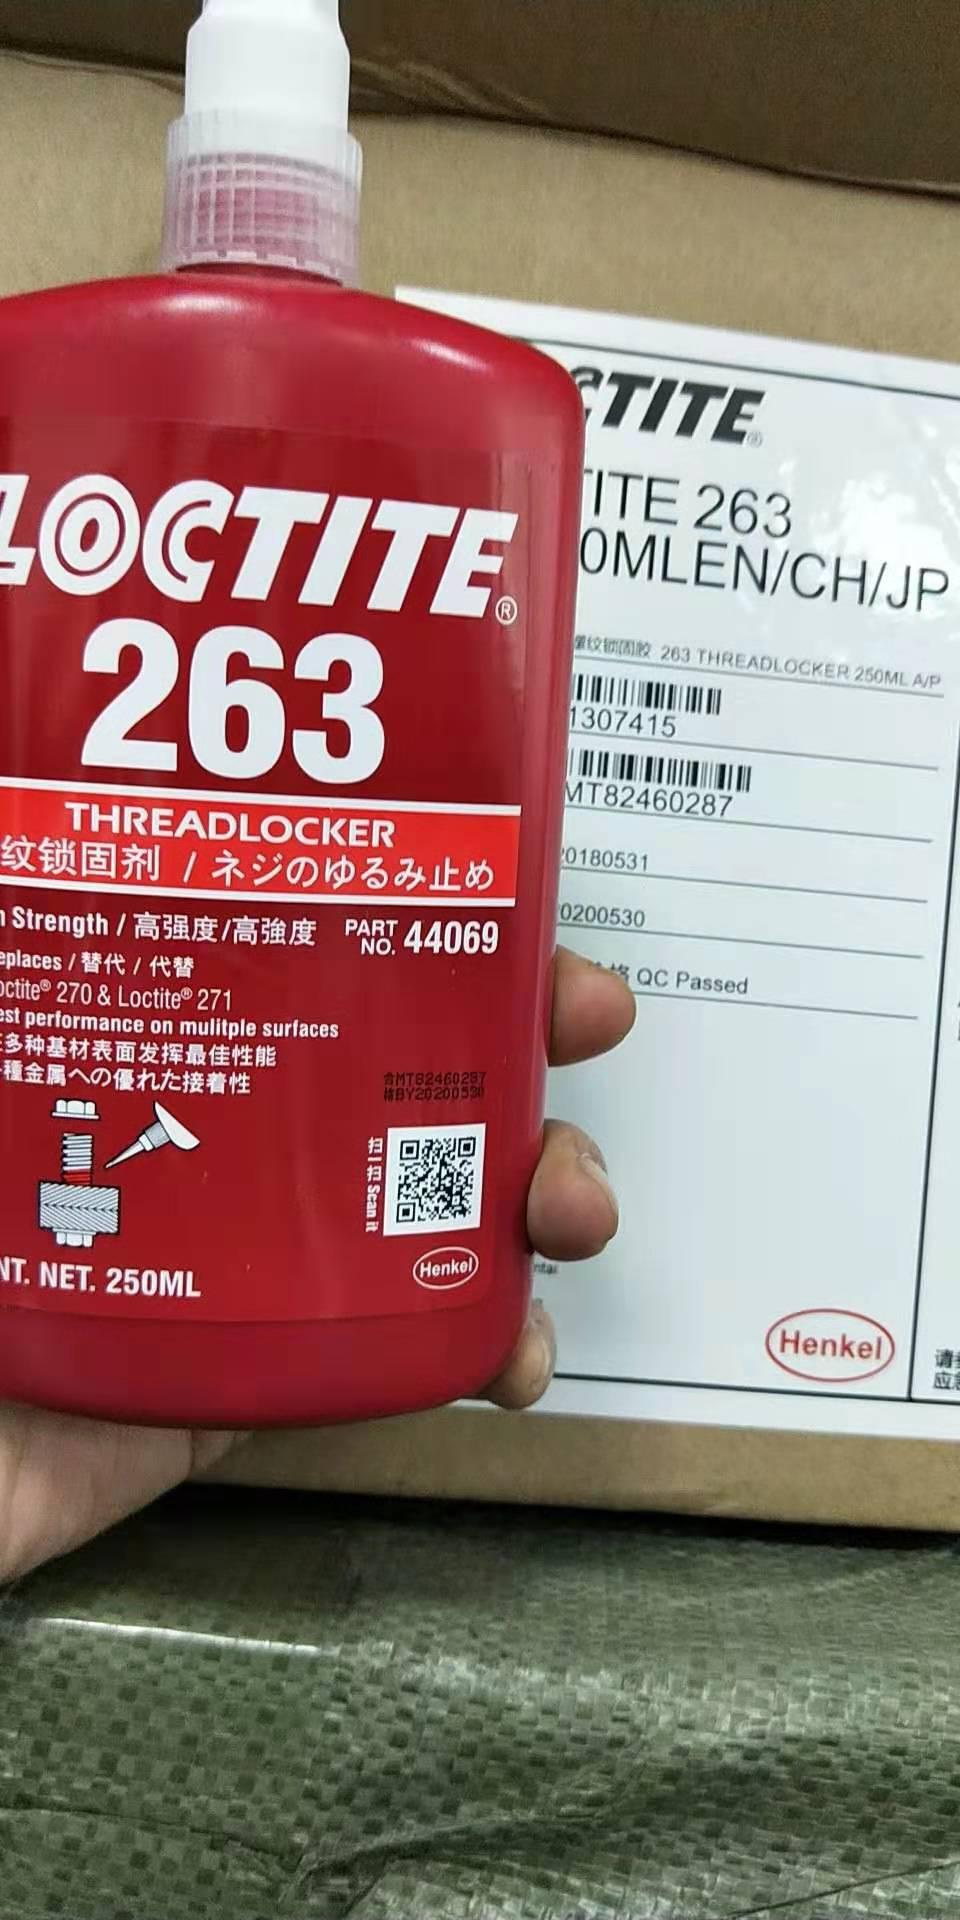 贺州乐泰263螺纹锁固胶供应-有信誉度的乐泰LOCTITE263螺纹固定剂厂家推荐